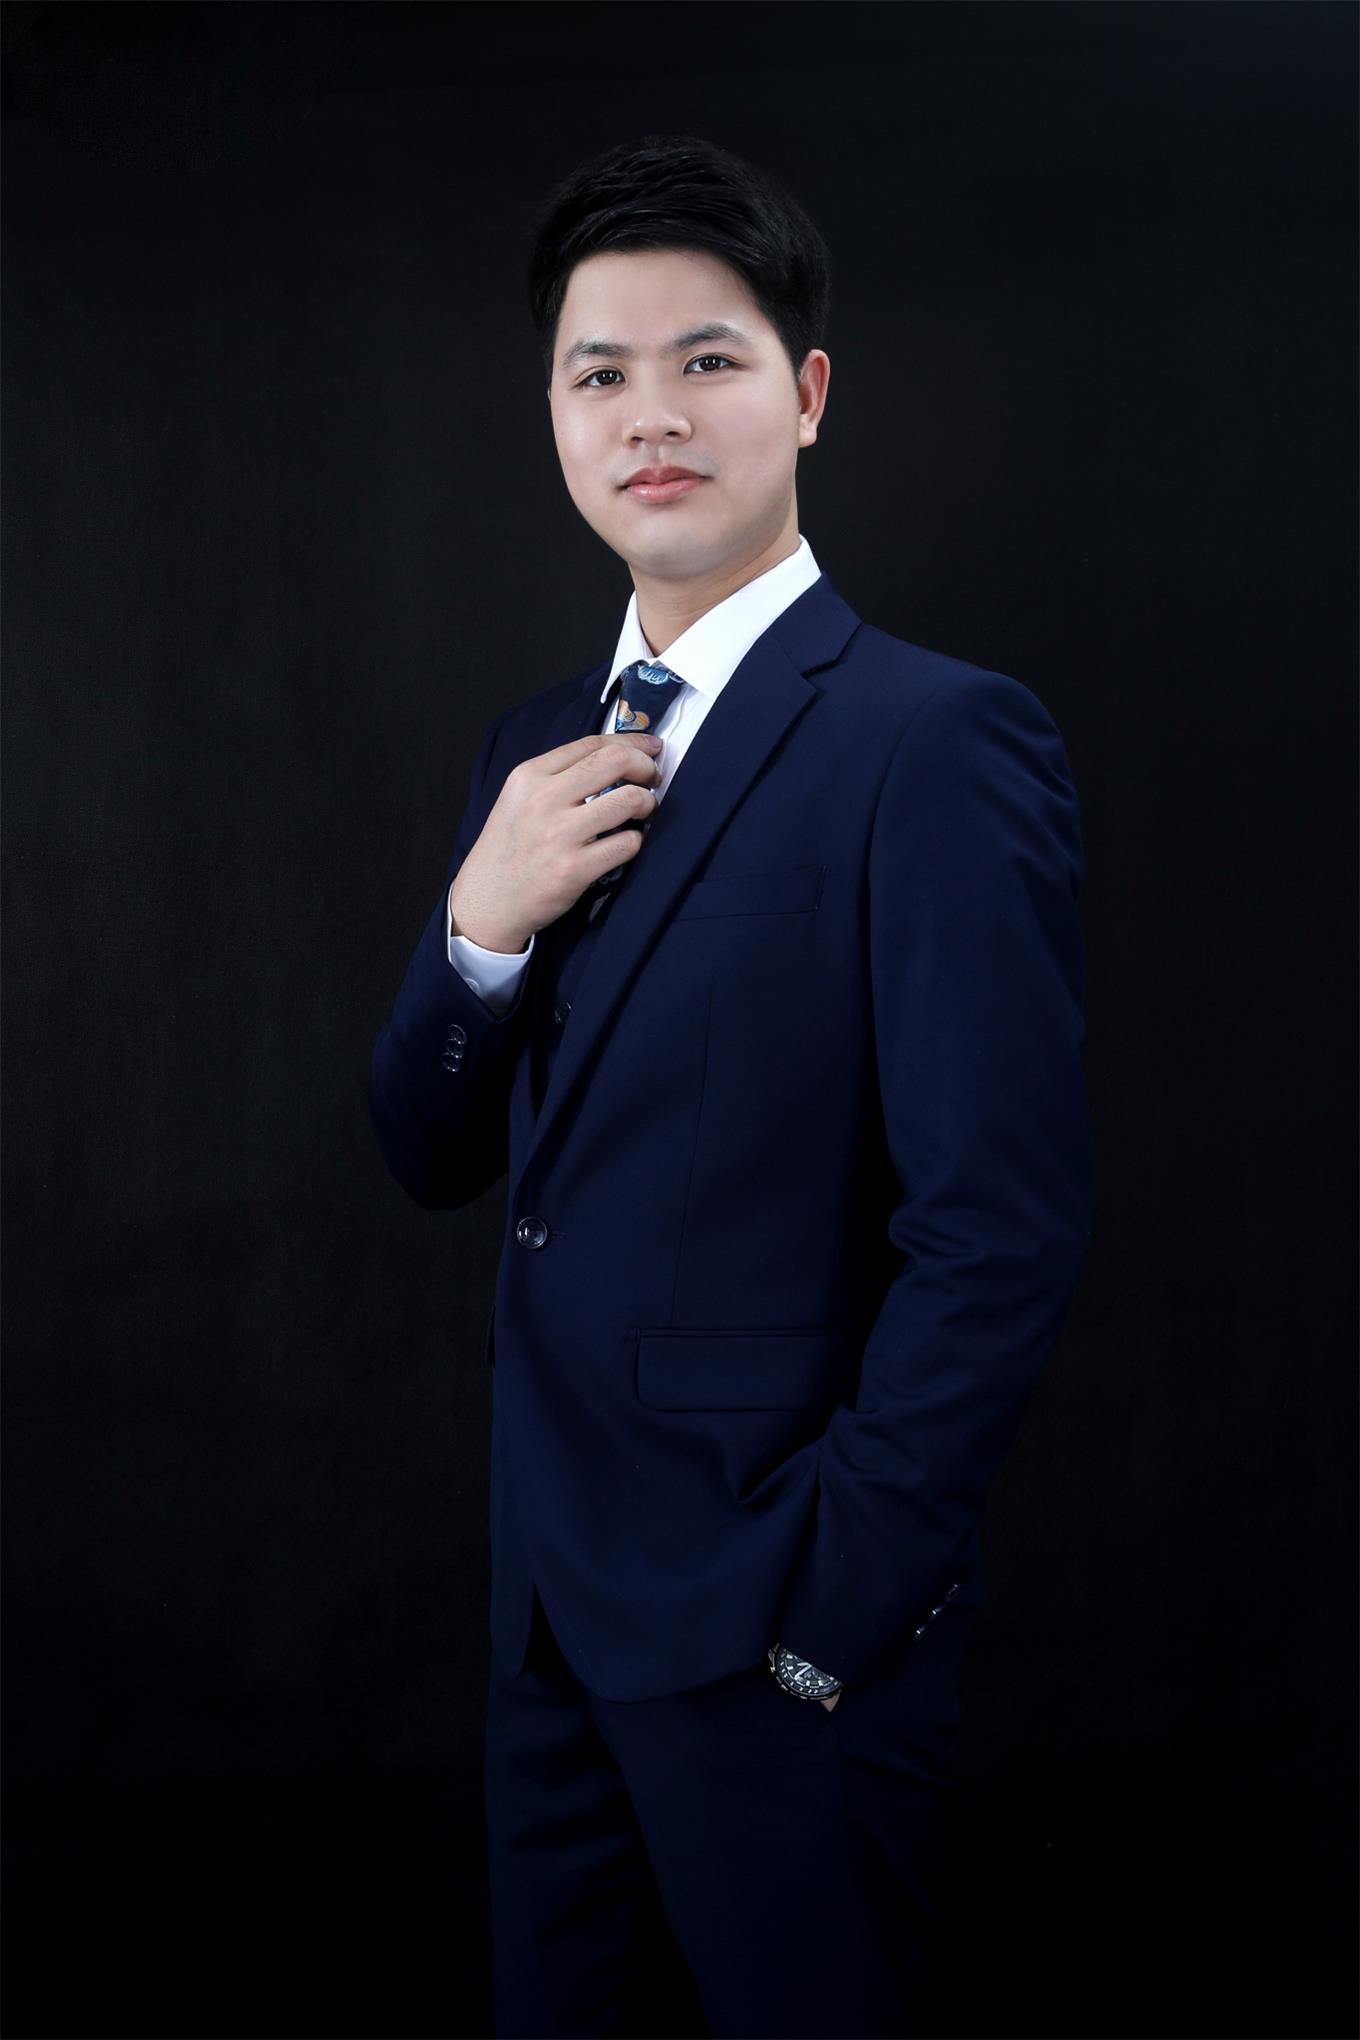 珠海裝修設計師黃誠森